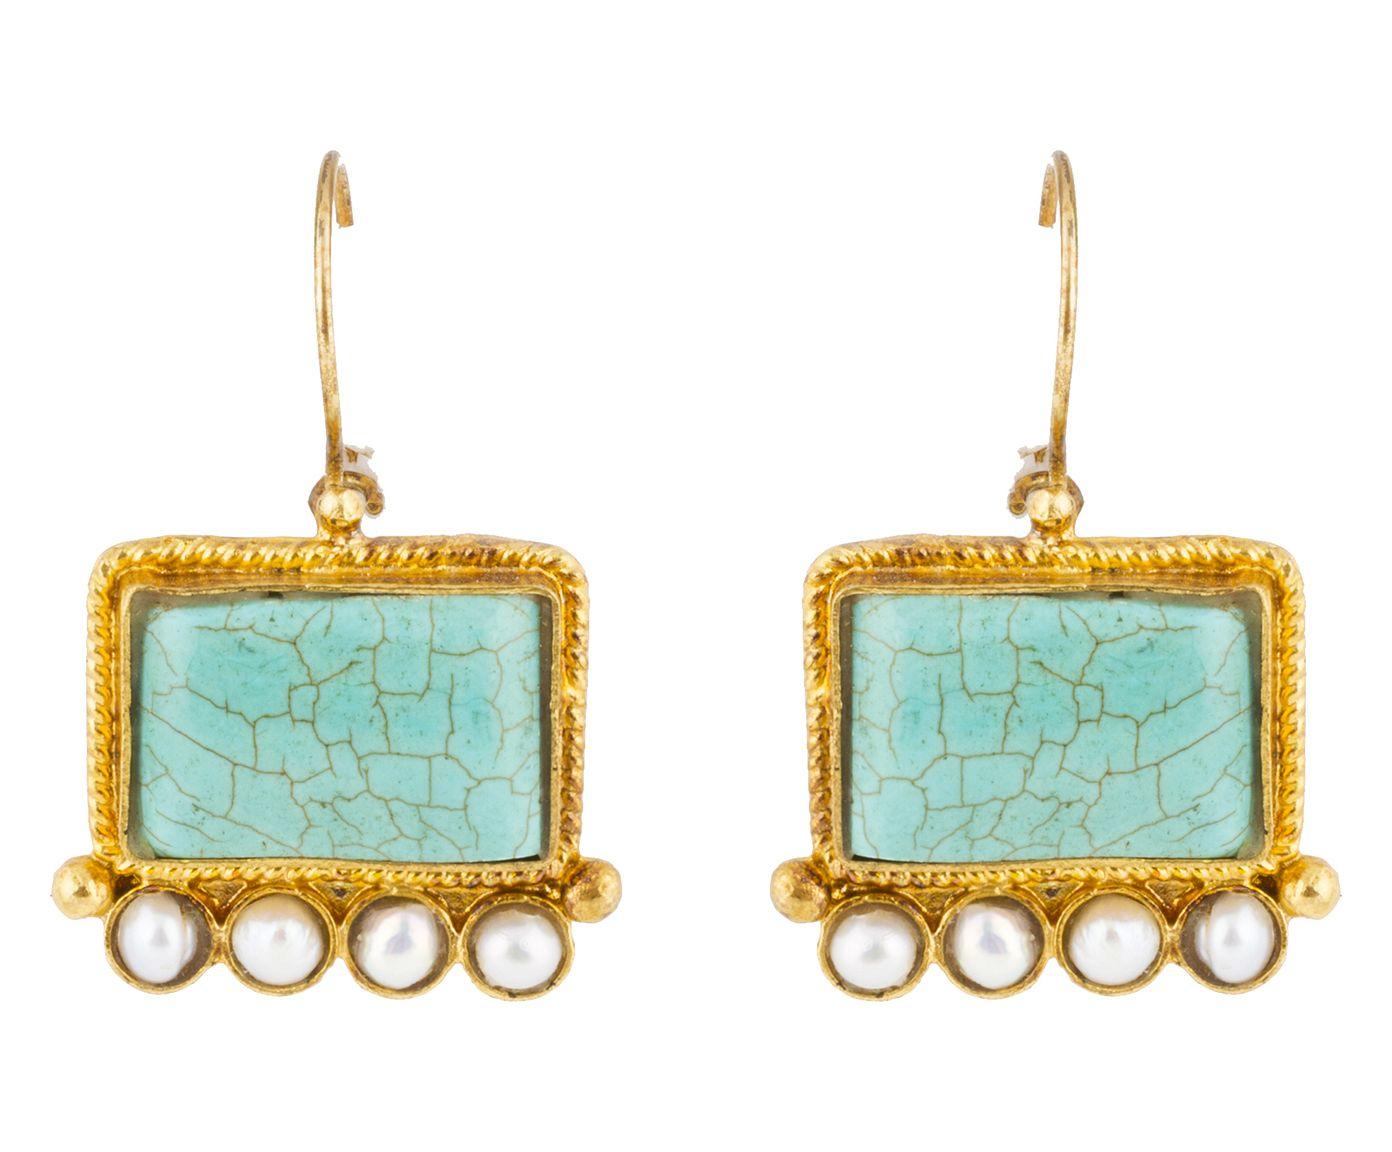 http://www.dalani.it/Coppia-di-orecchini-in-ottone-con-perle-di-fiume-e-tuchese-4x2-cm-1250207.html?c=1015-flea-market